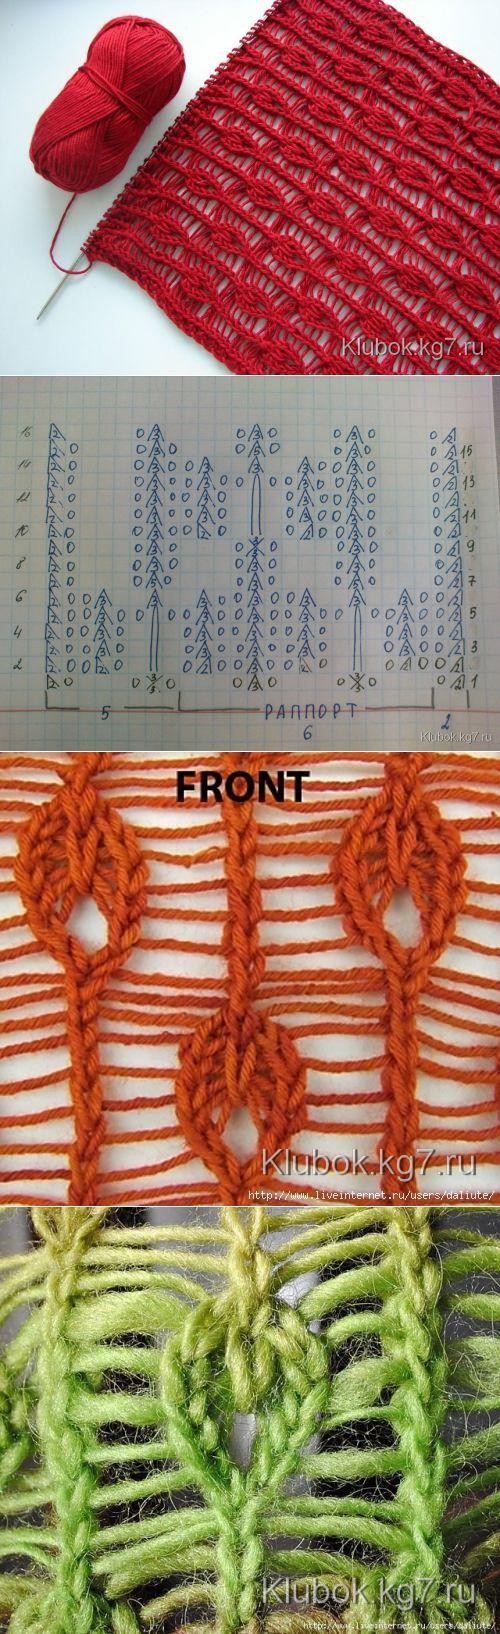 Ажурный узор спицами | Клубок